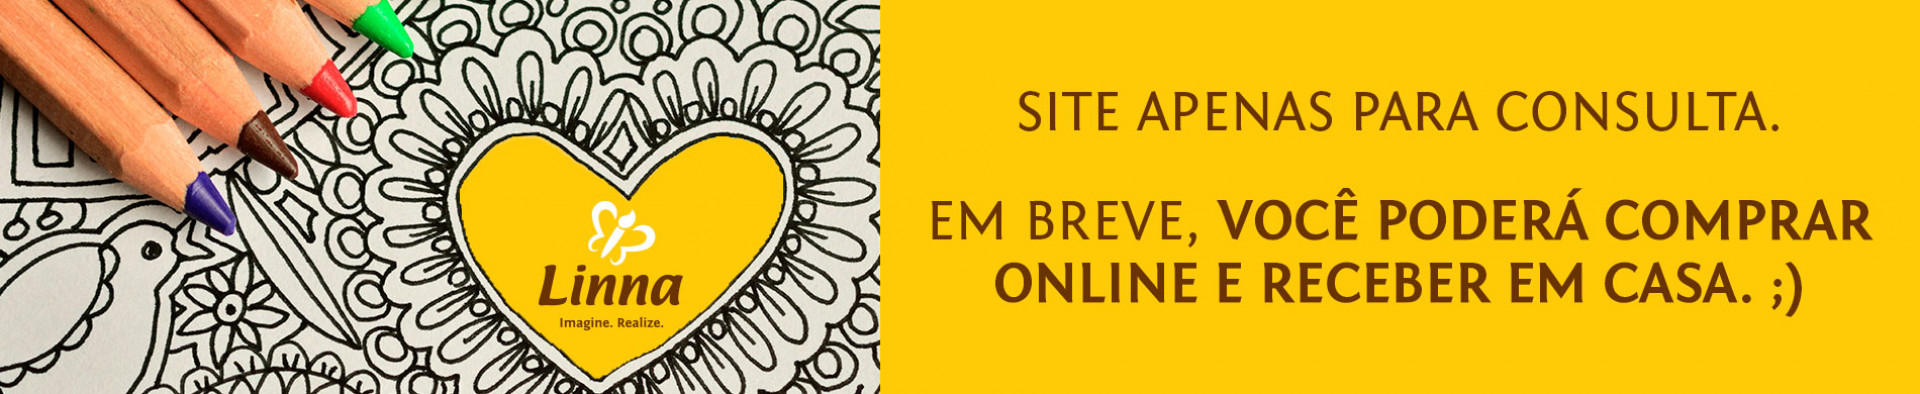 Site para consulta